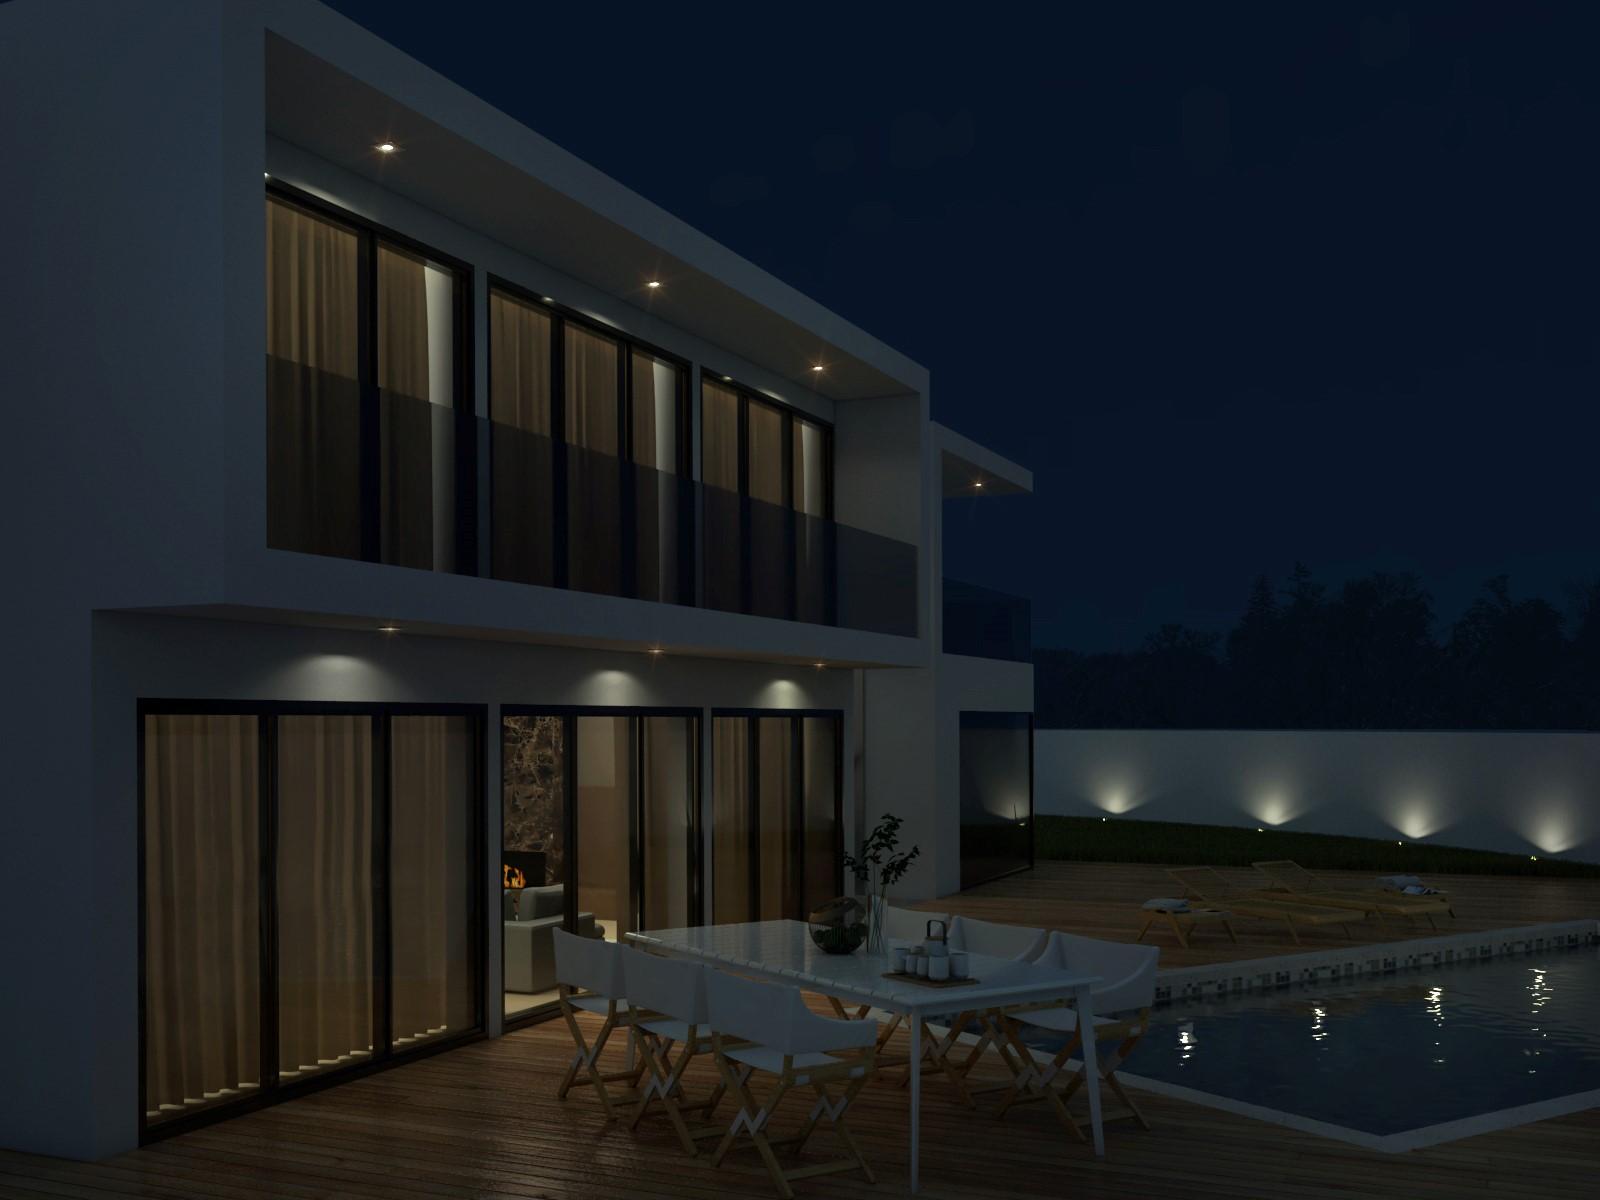 Área Exterior da piscina de noite